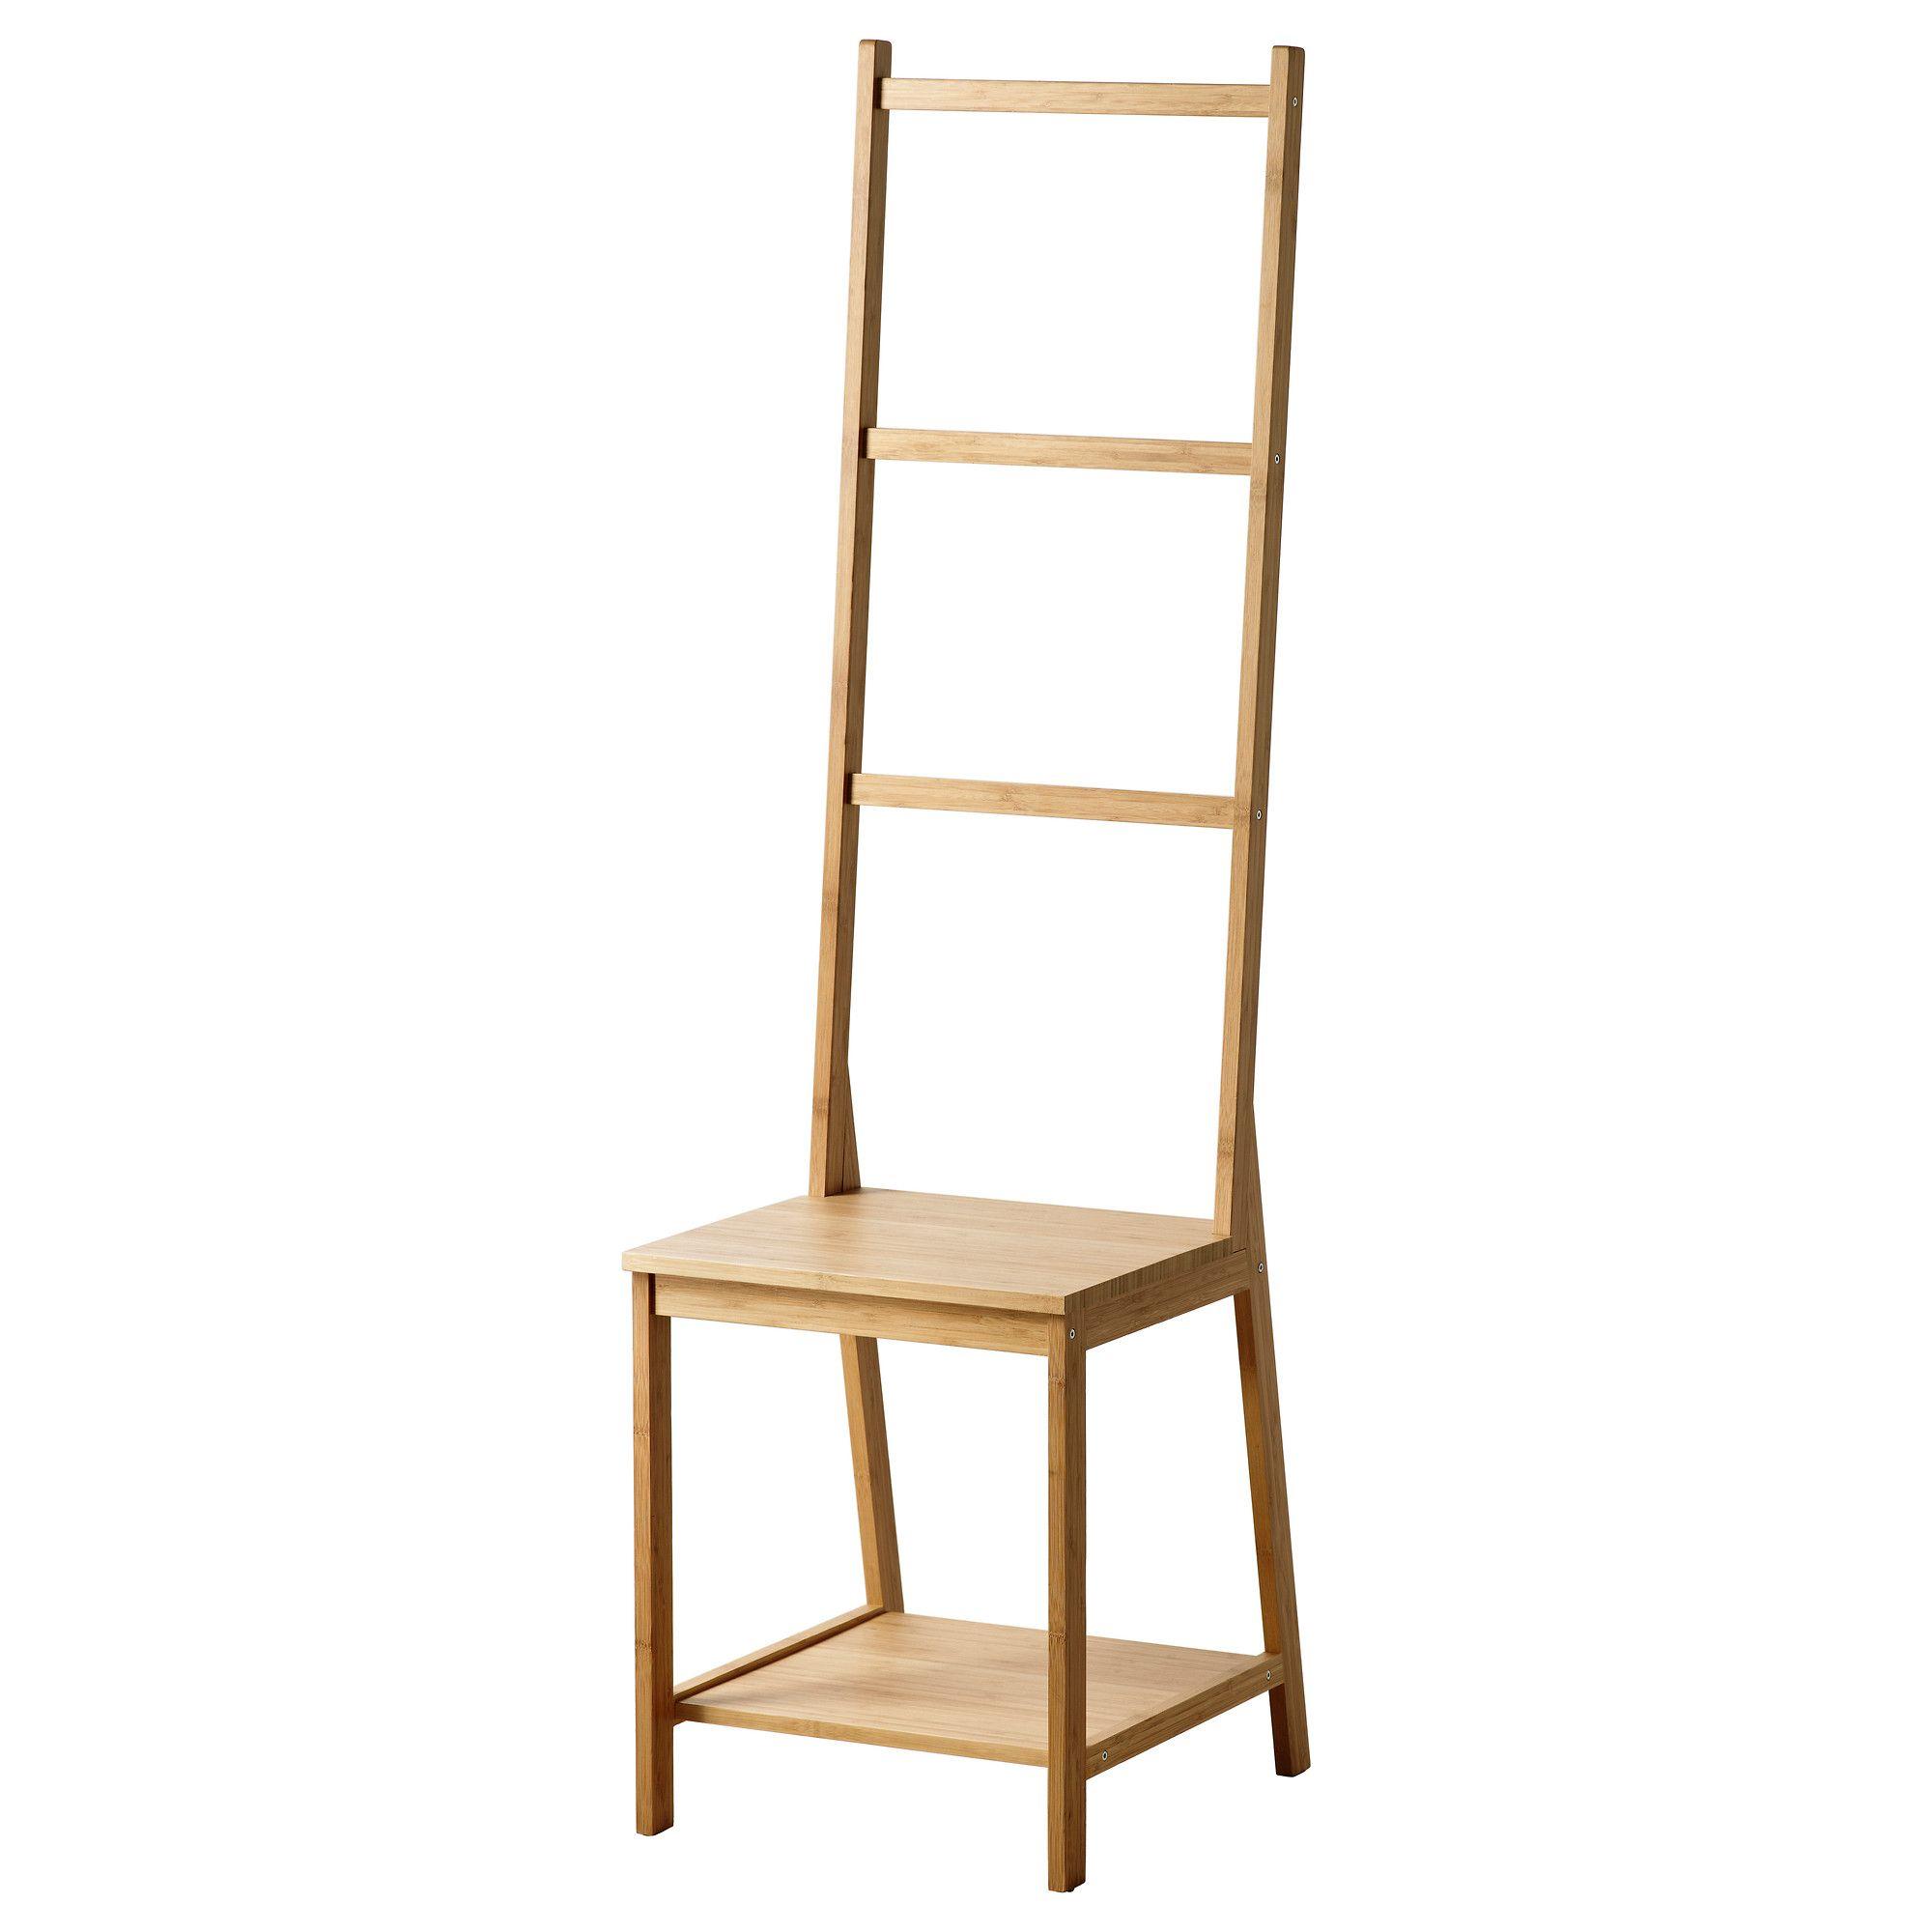 RÅGRUND Towel rack chair, bamboo - IKEA  Ikea bathroom